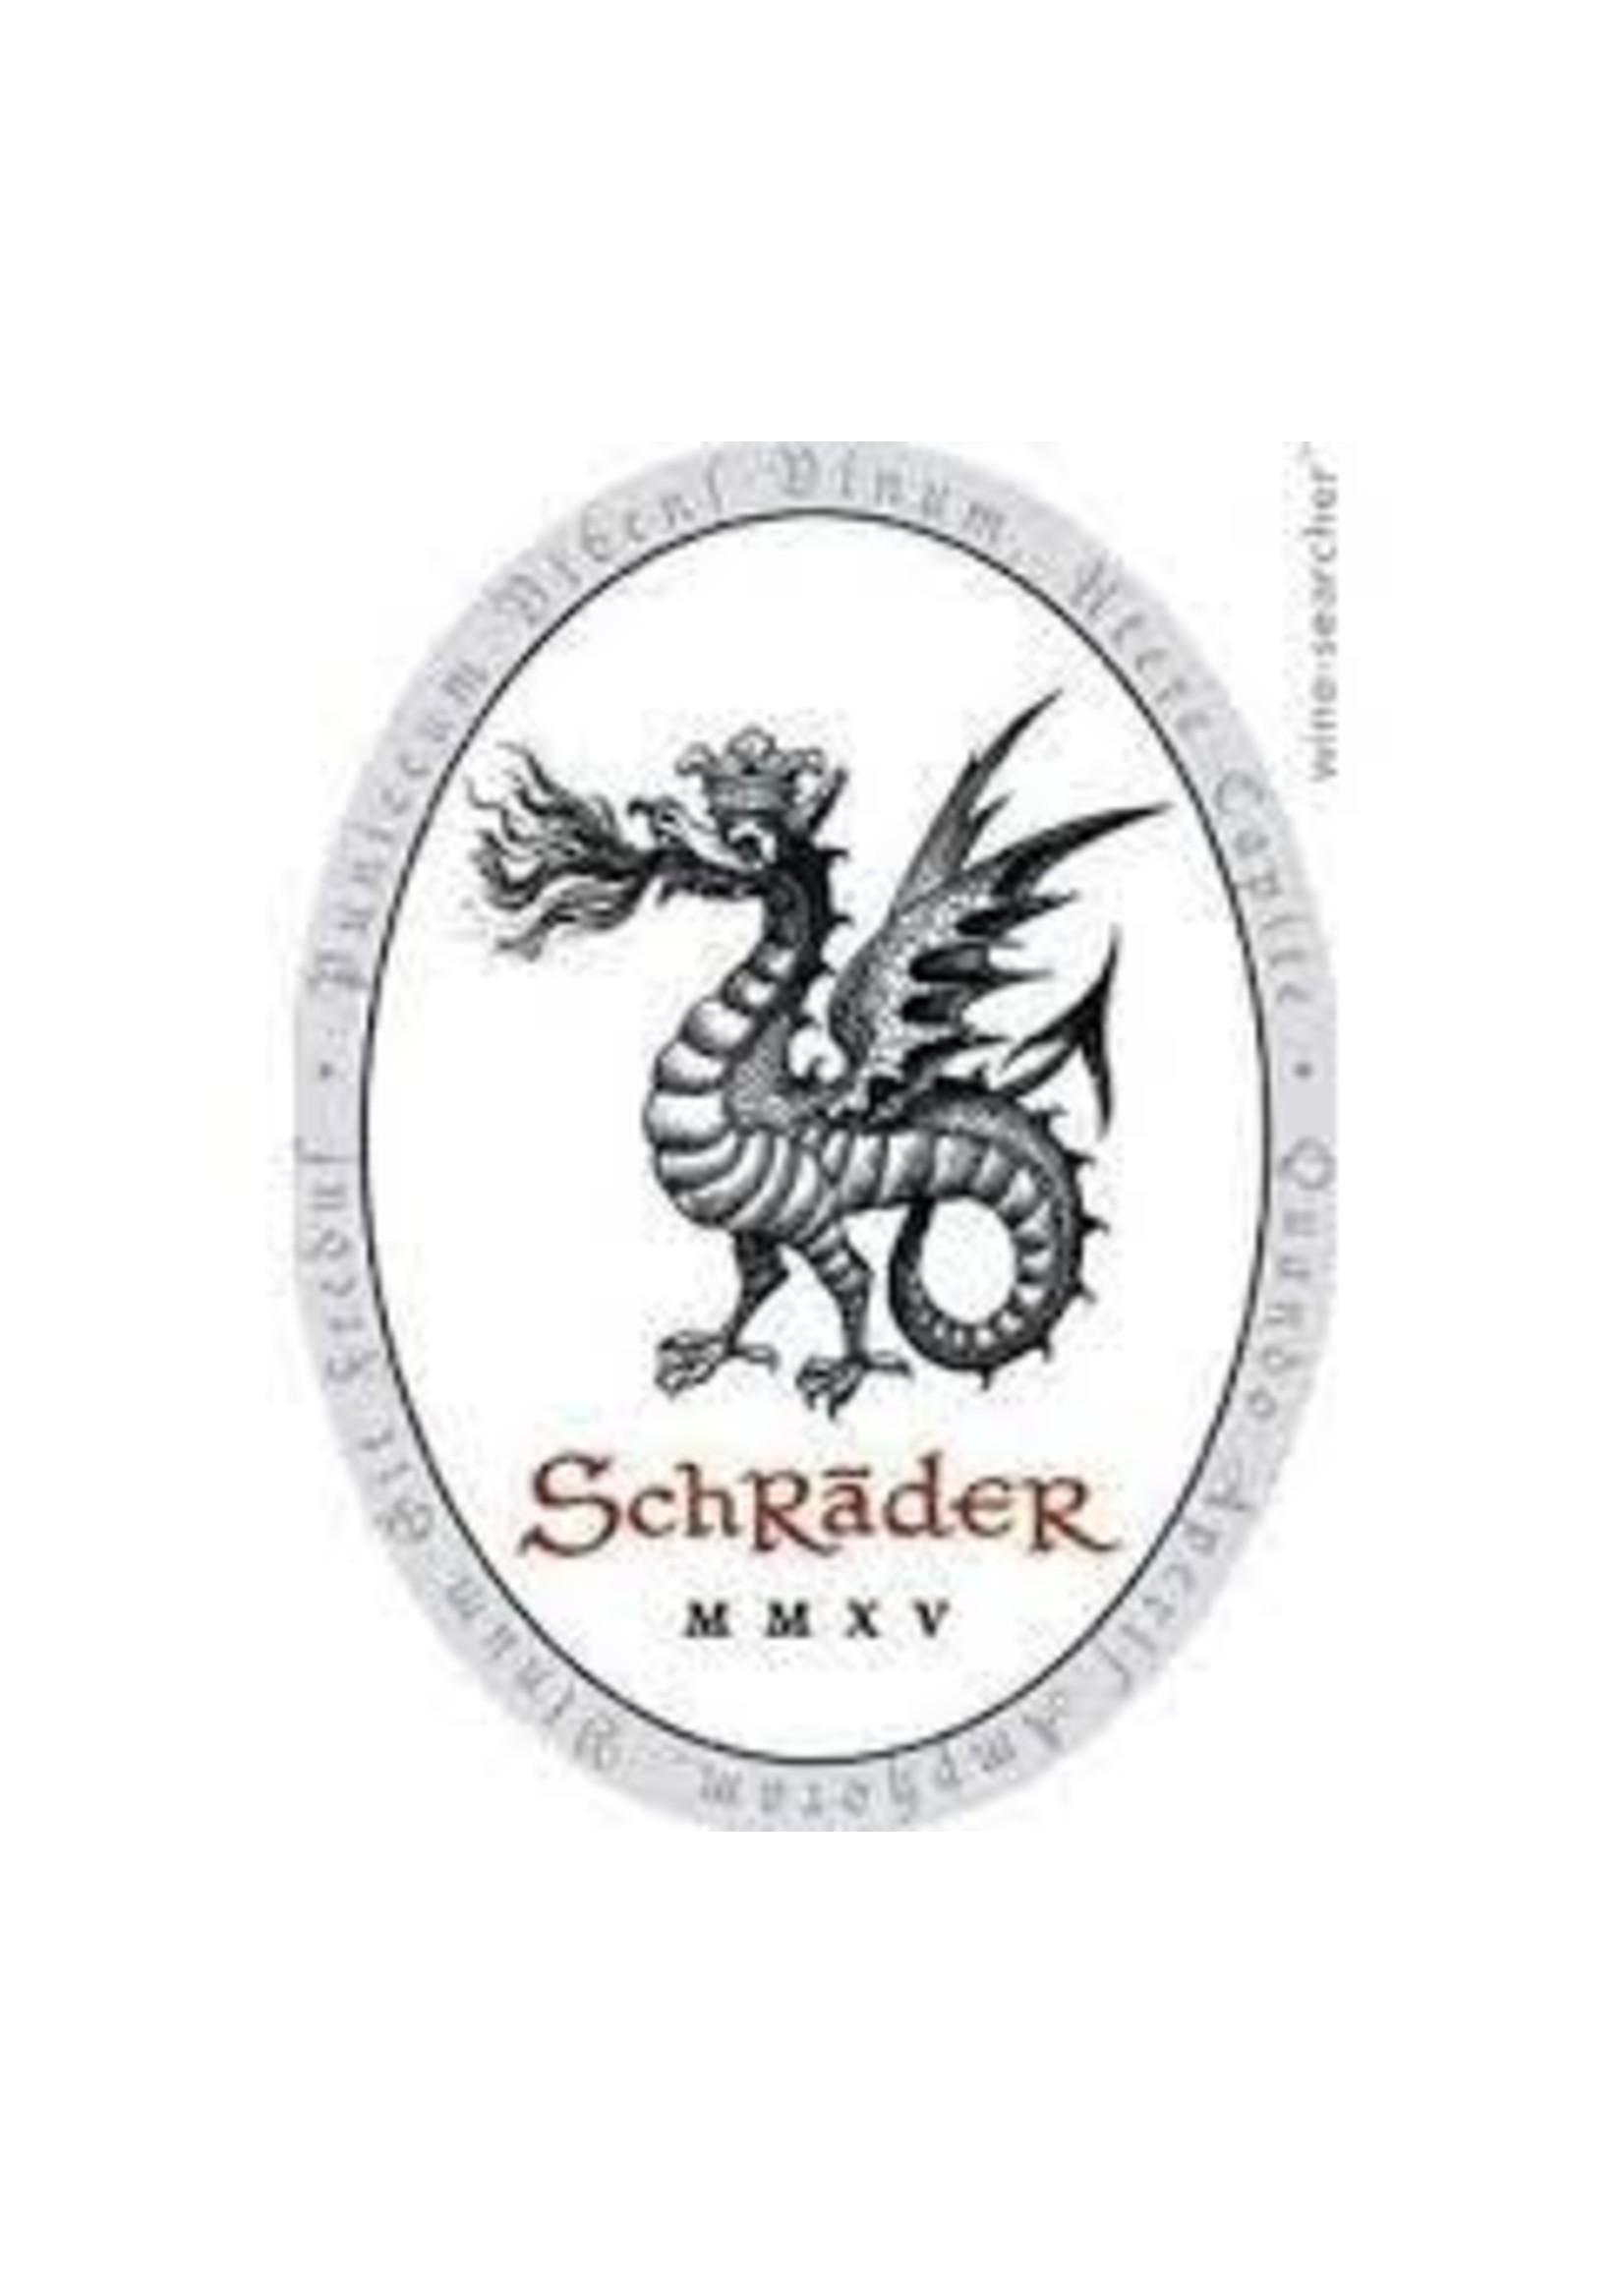 Schrader 2015 Cabernet Sauvignon 'Old Sparky' Beckstoffer To-Kalon Vyd 1.5L [PRE-ARRIVAL]